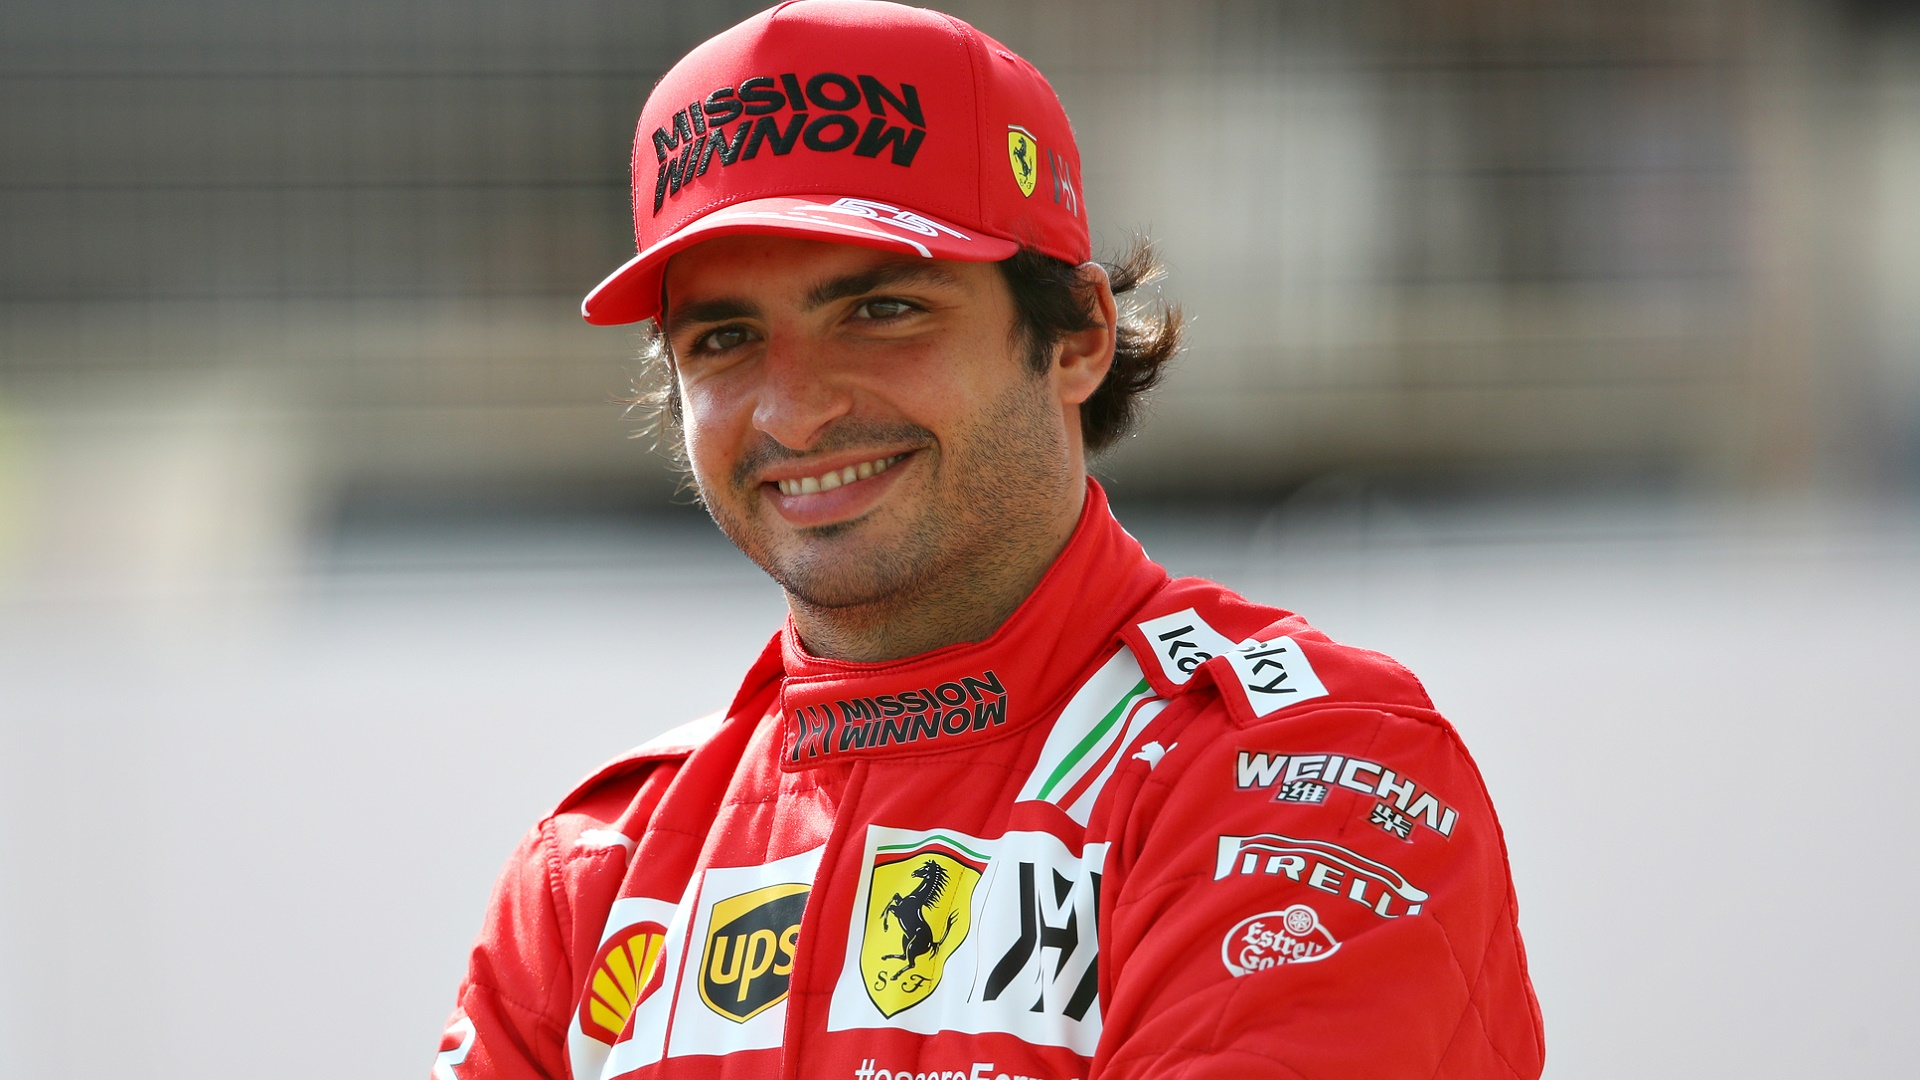 2021-03-12 Sainz Ferrari F1 Formula 1